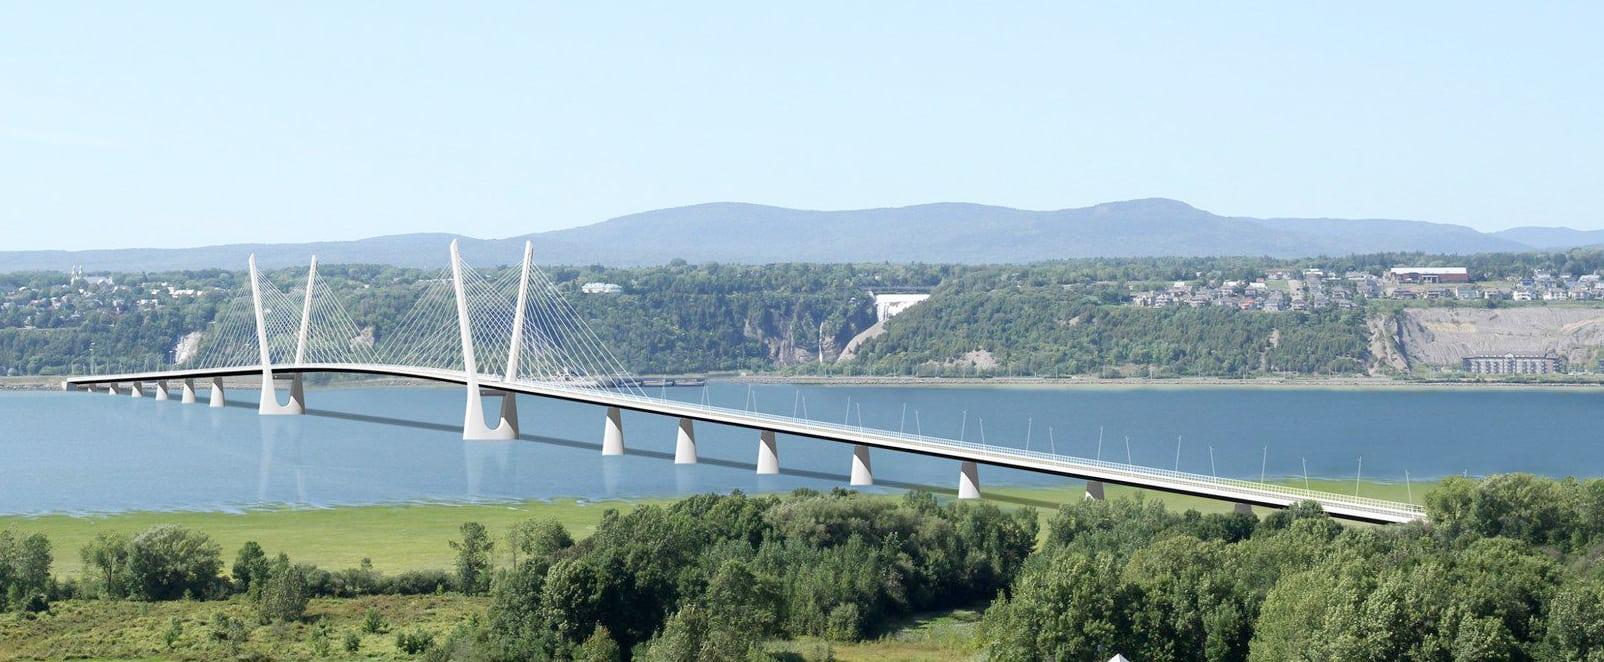 Le nouveau pont de l'île d'Orléans en 2027